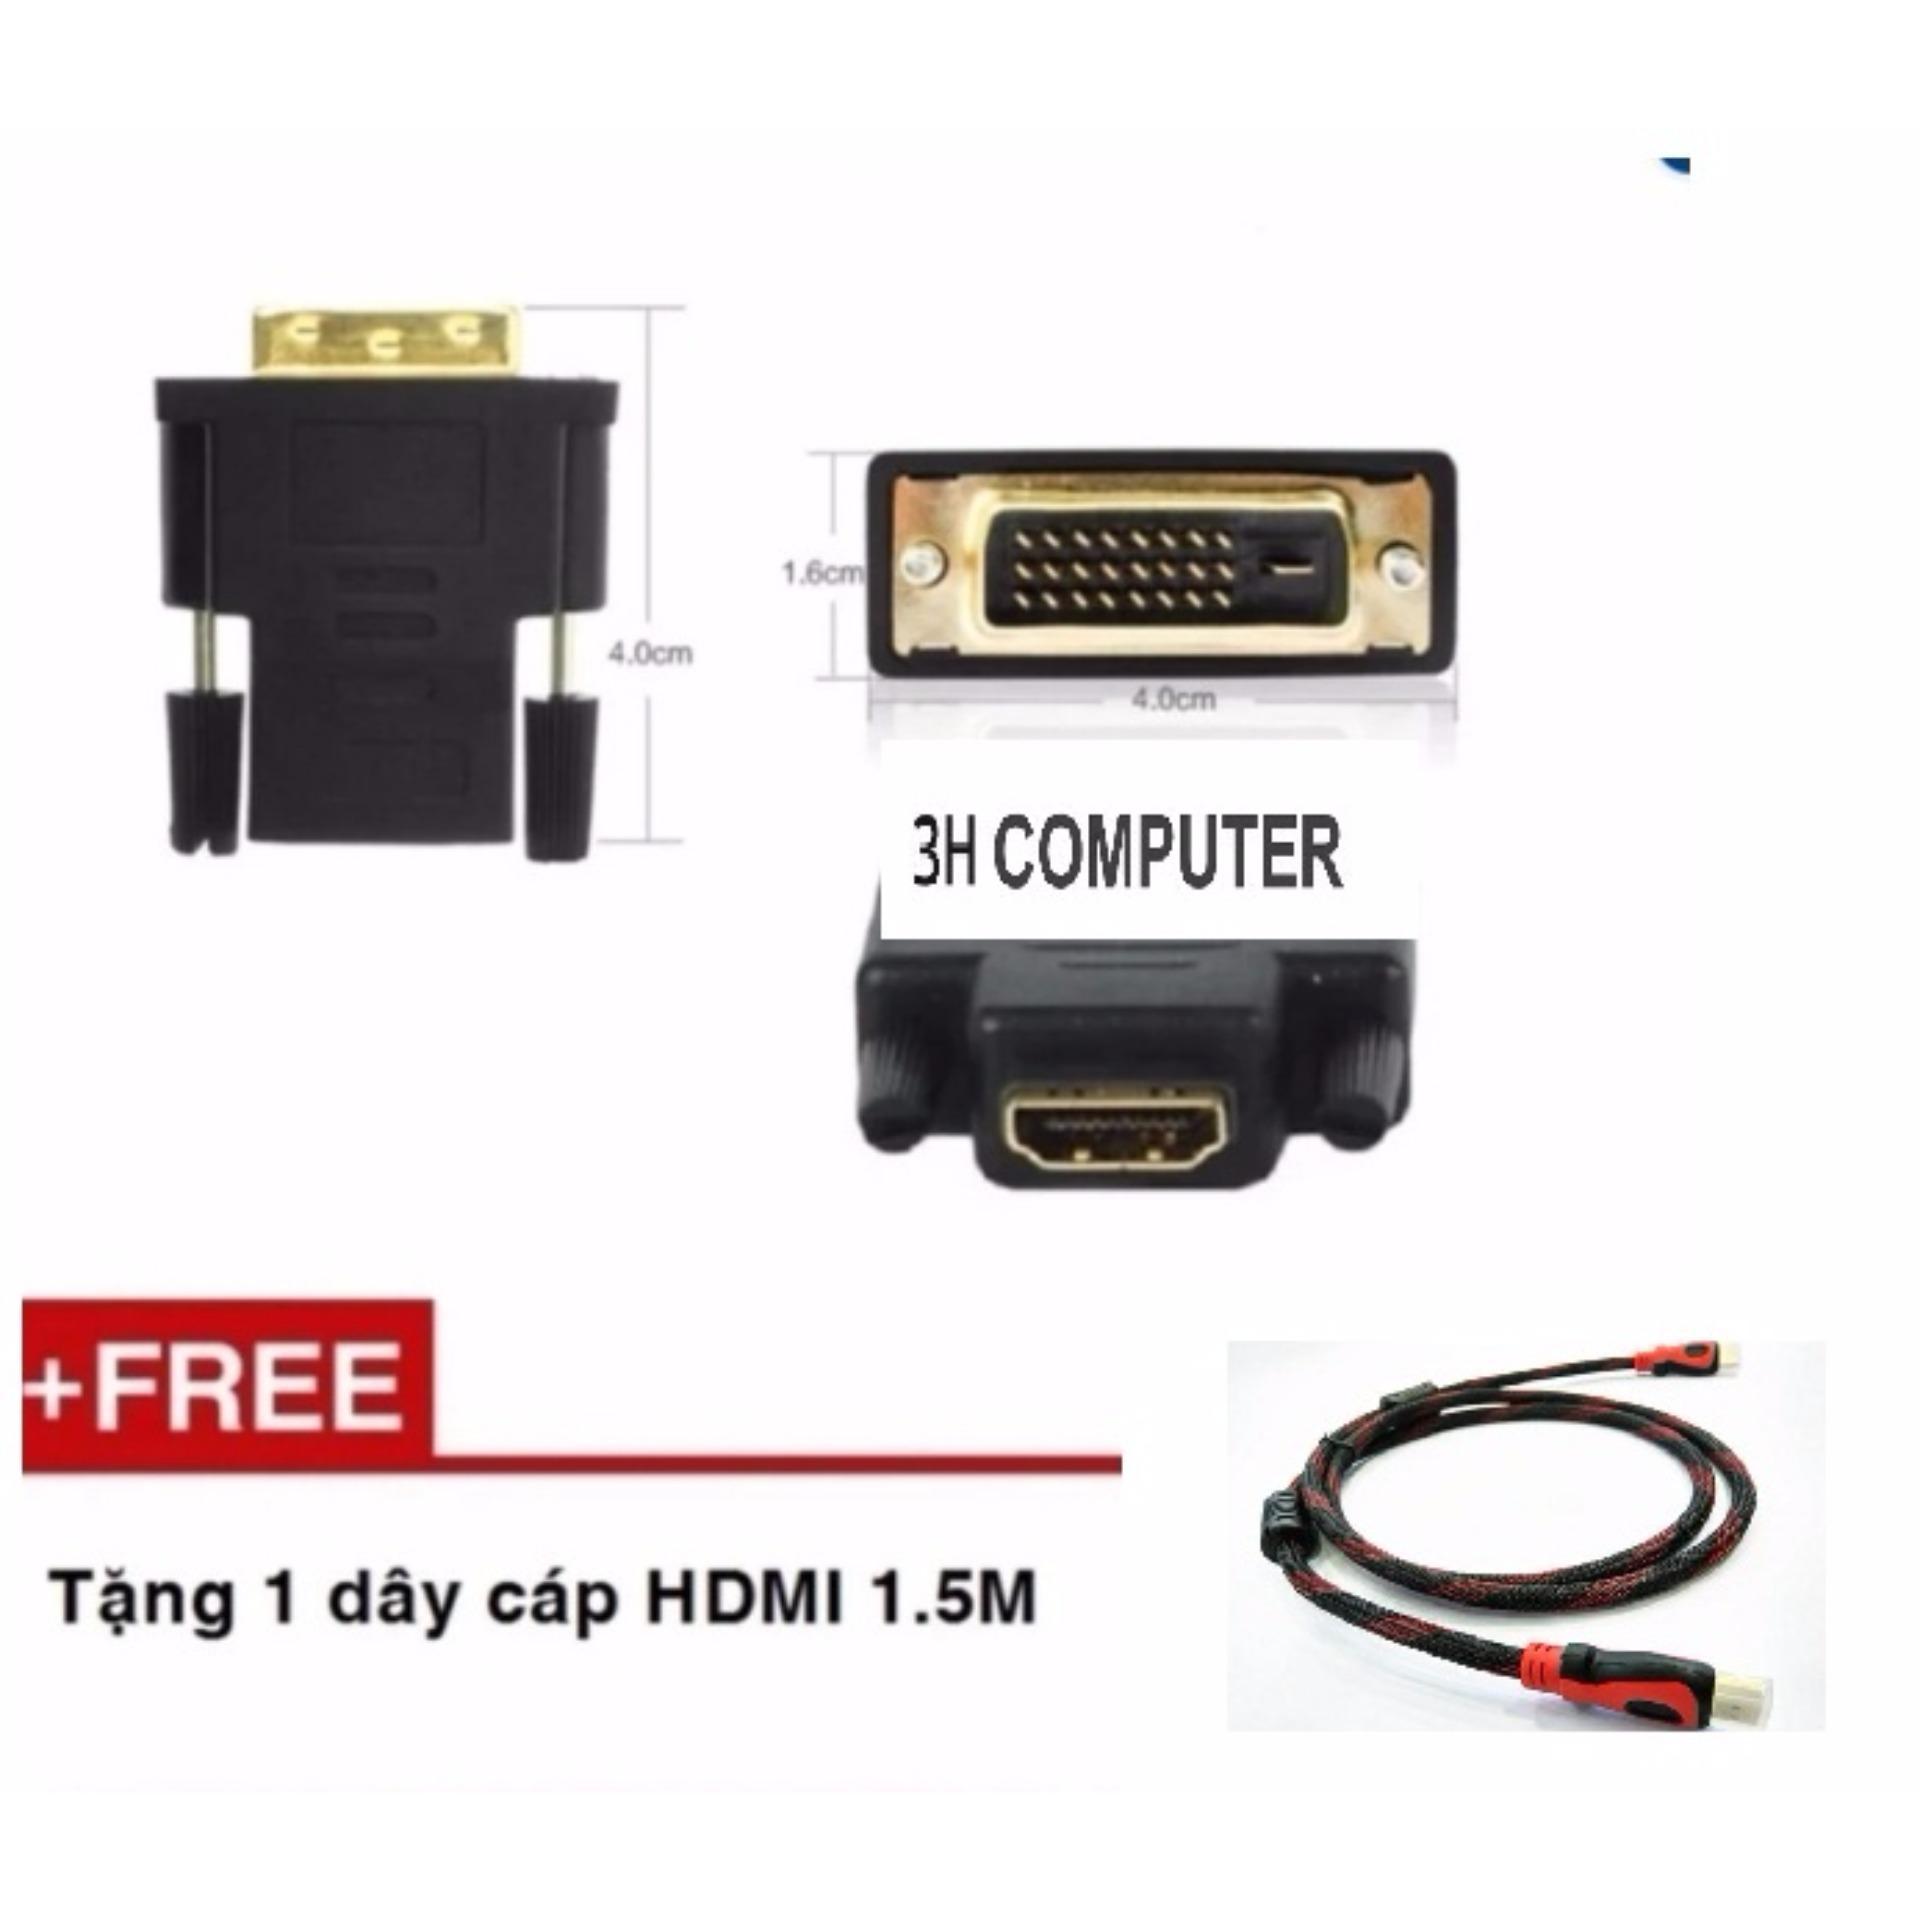 Đầu chuyển DVI (24+1) sang HDMI + Tặng kèm cáp HDMI 1.5M BỌC LƯỚI